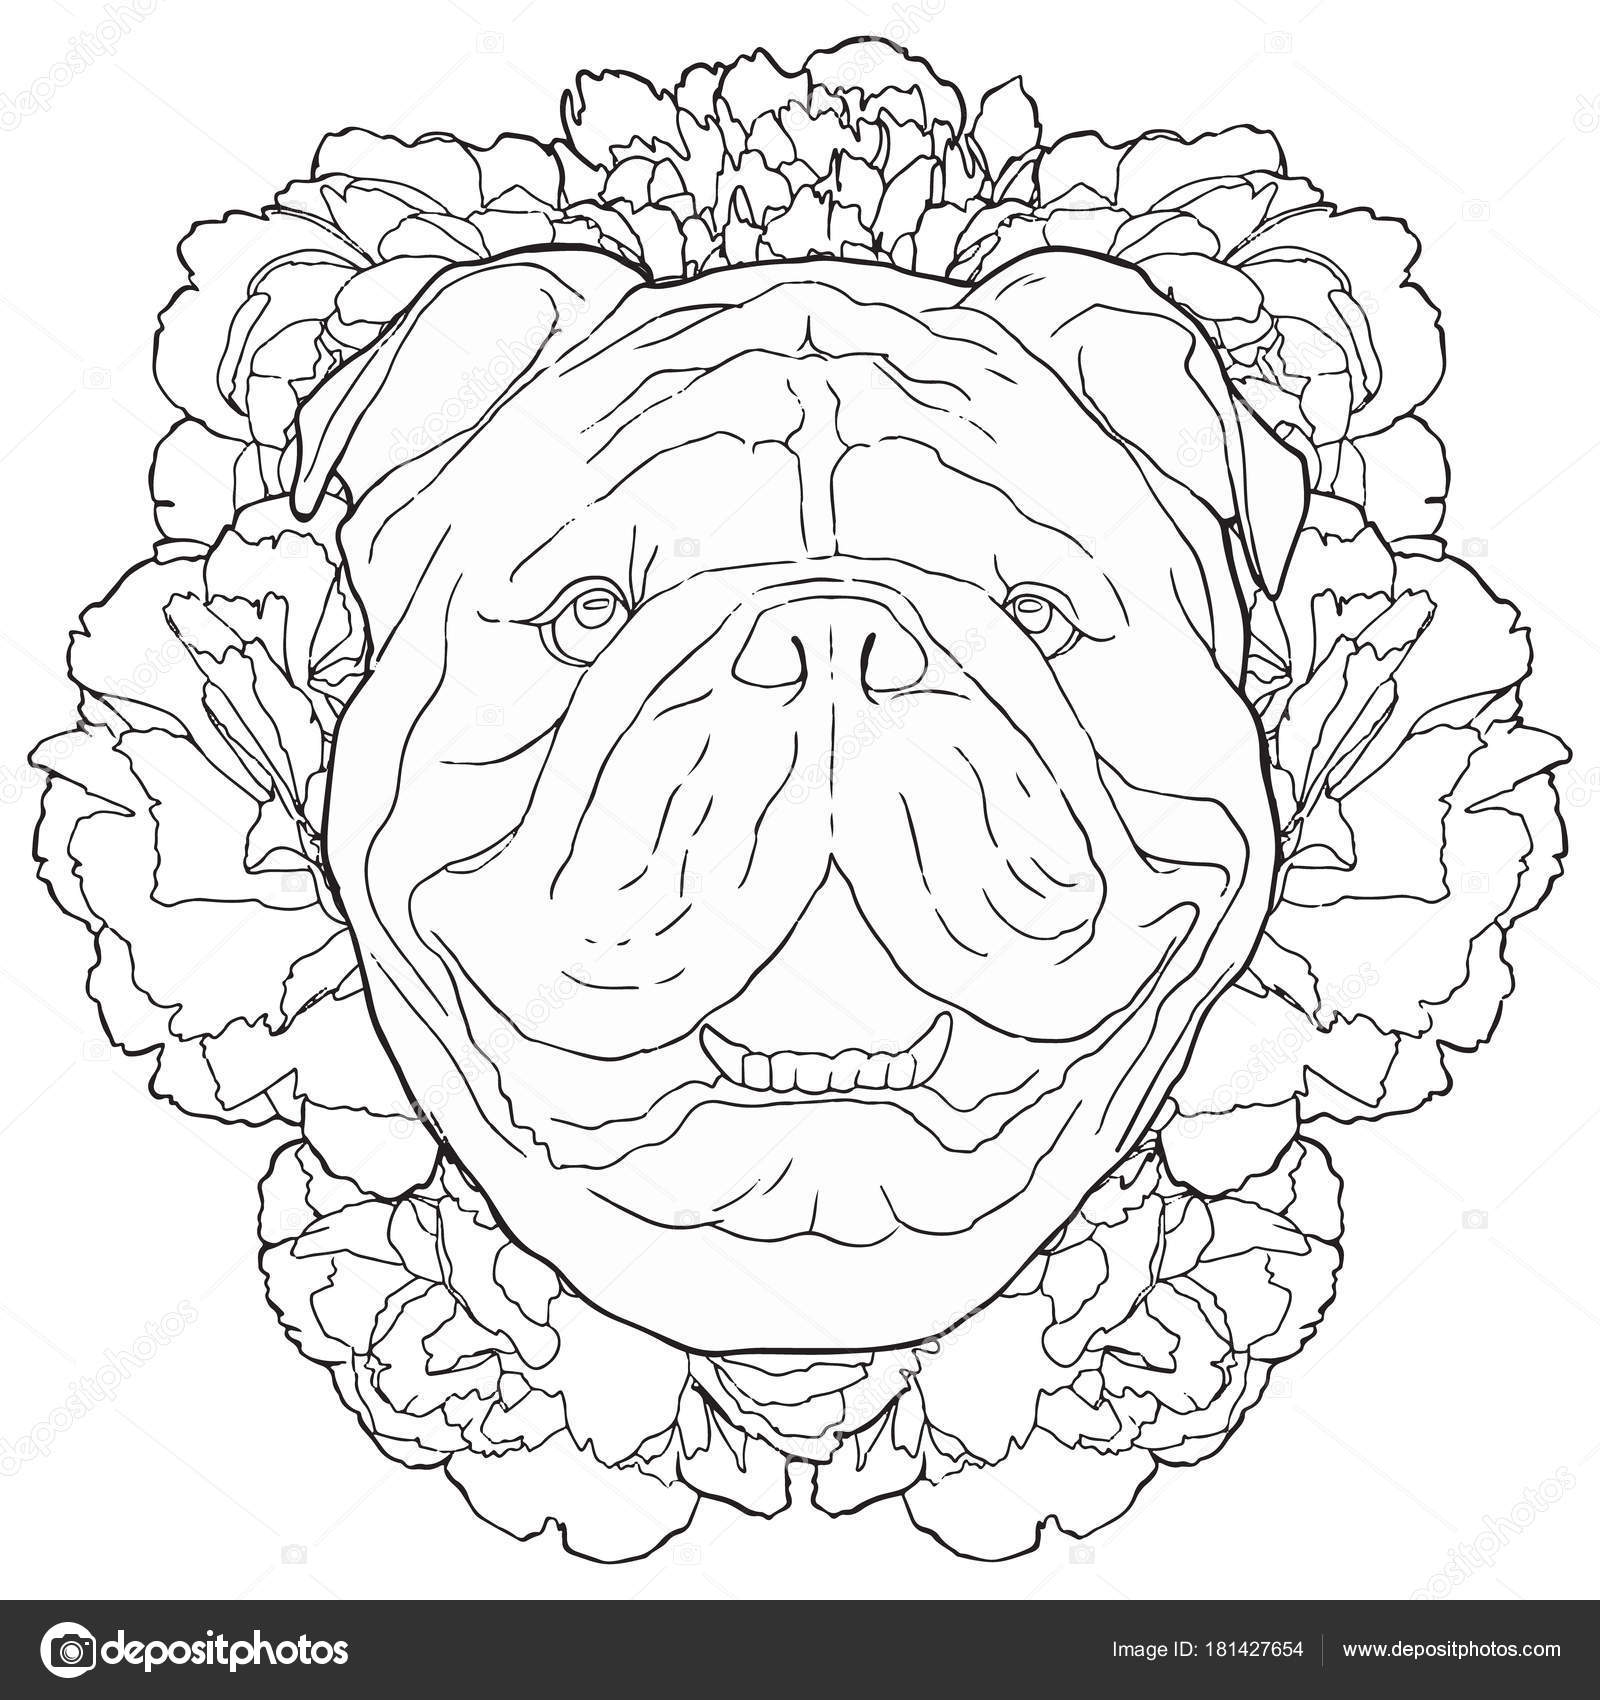 Imágenes: cara de perro para colorear | Dibujo de contorno negro